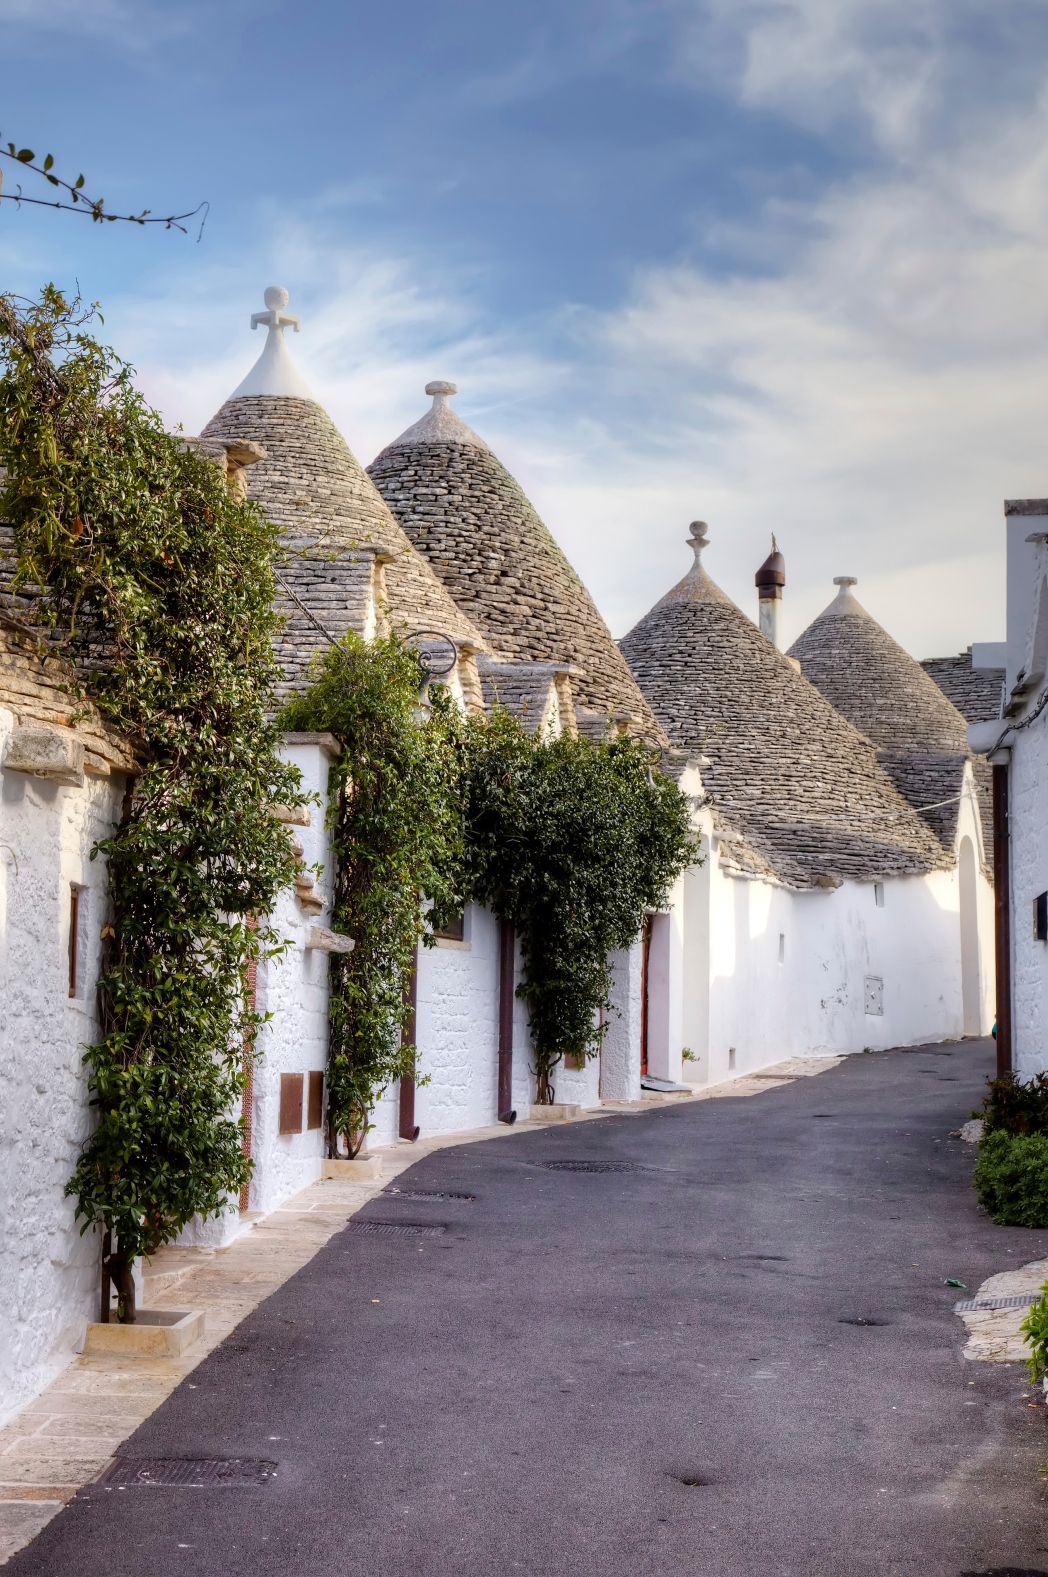 Παραδοσιακά σπίτια του χωριού Alberobello